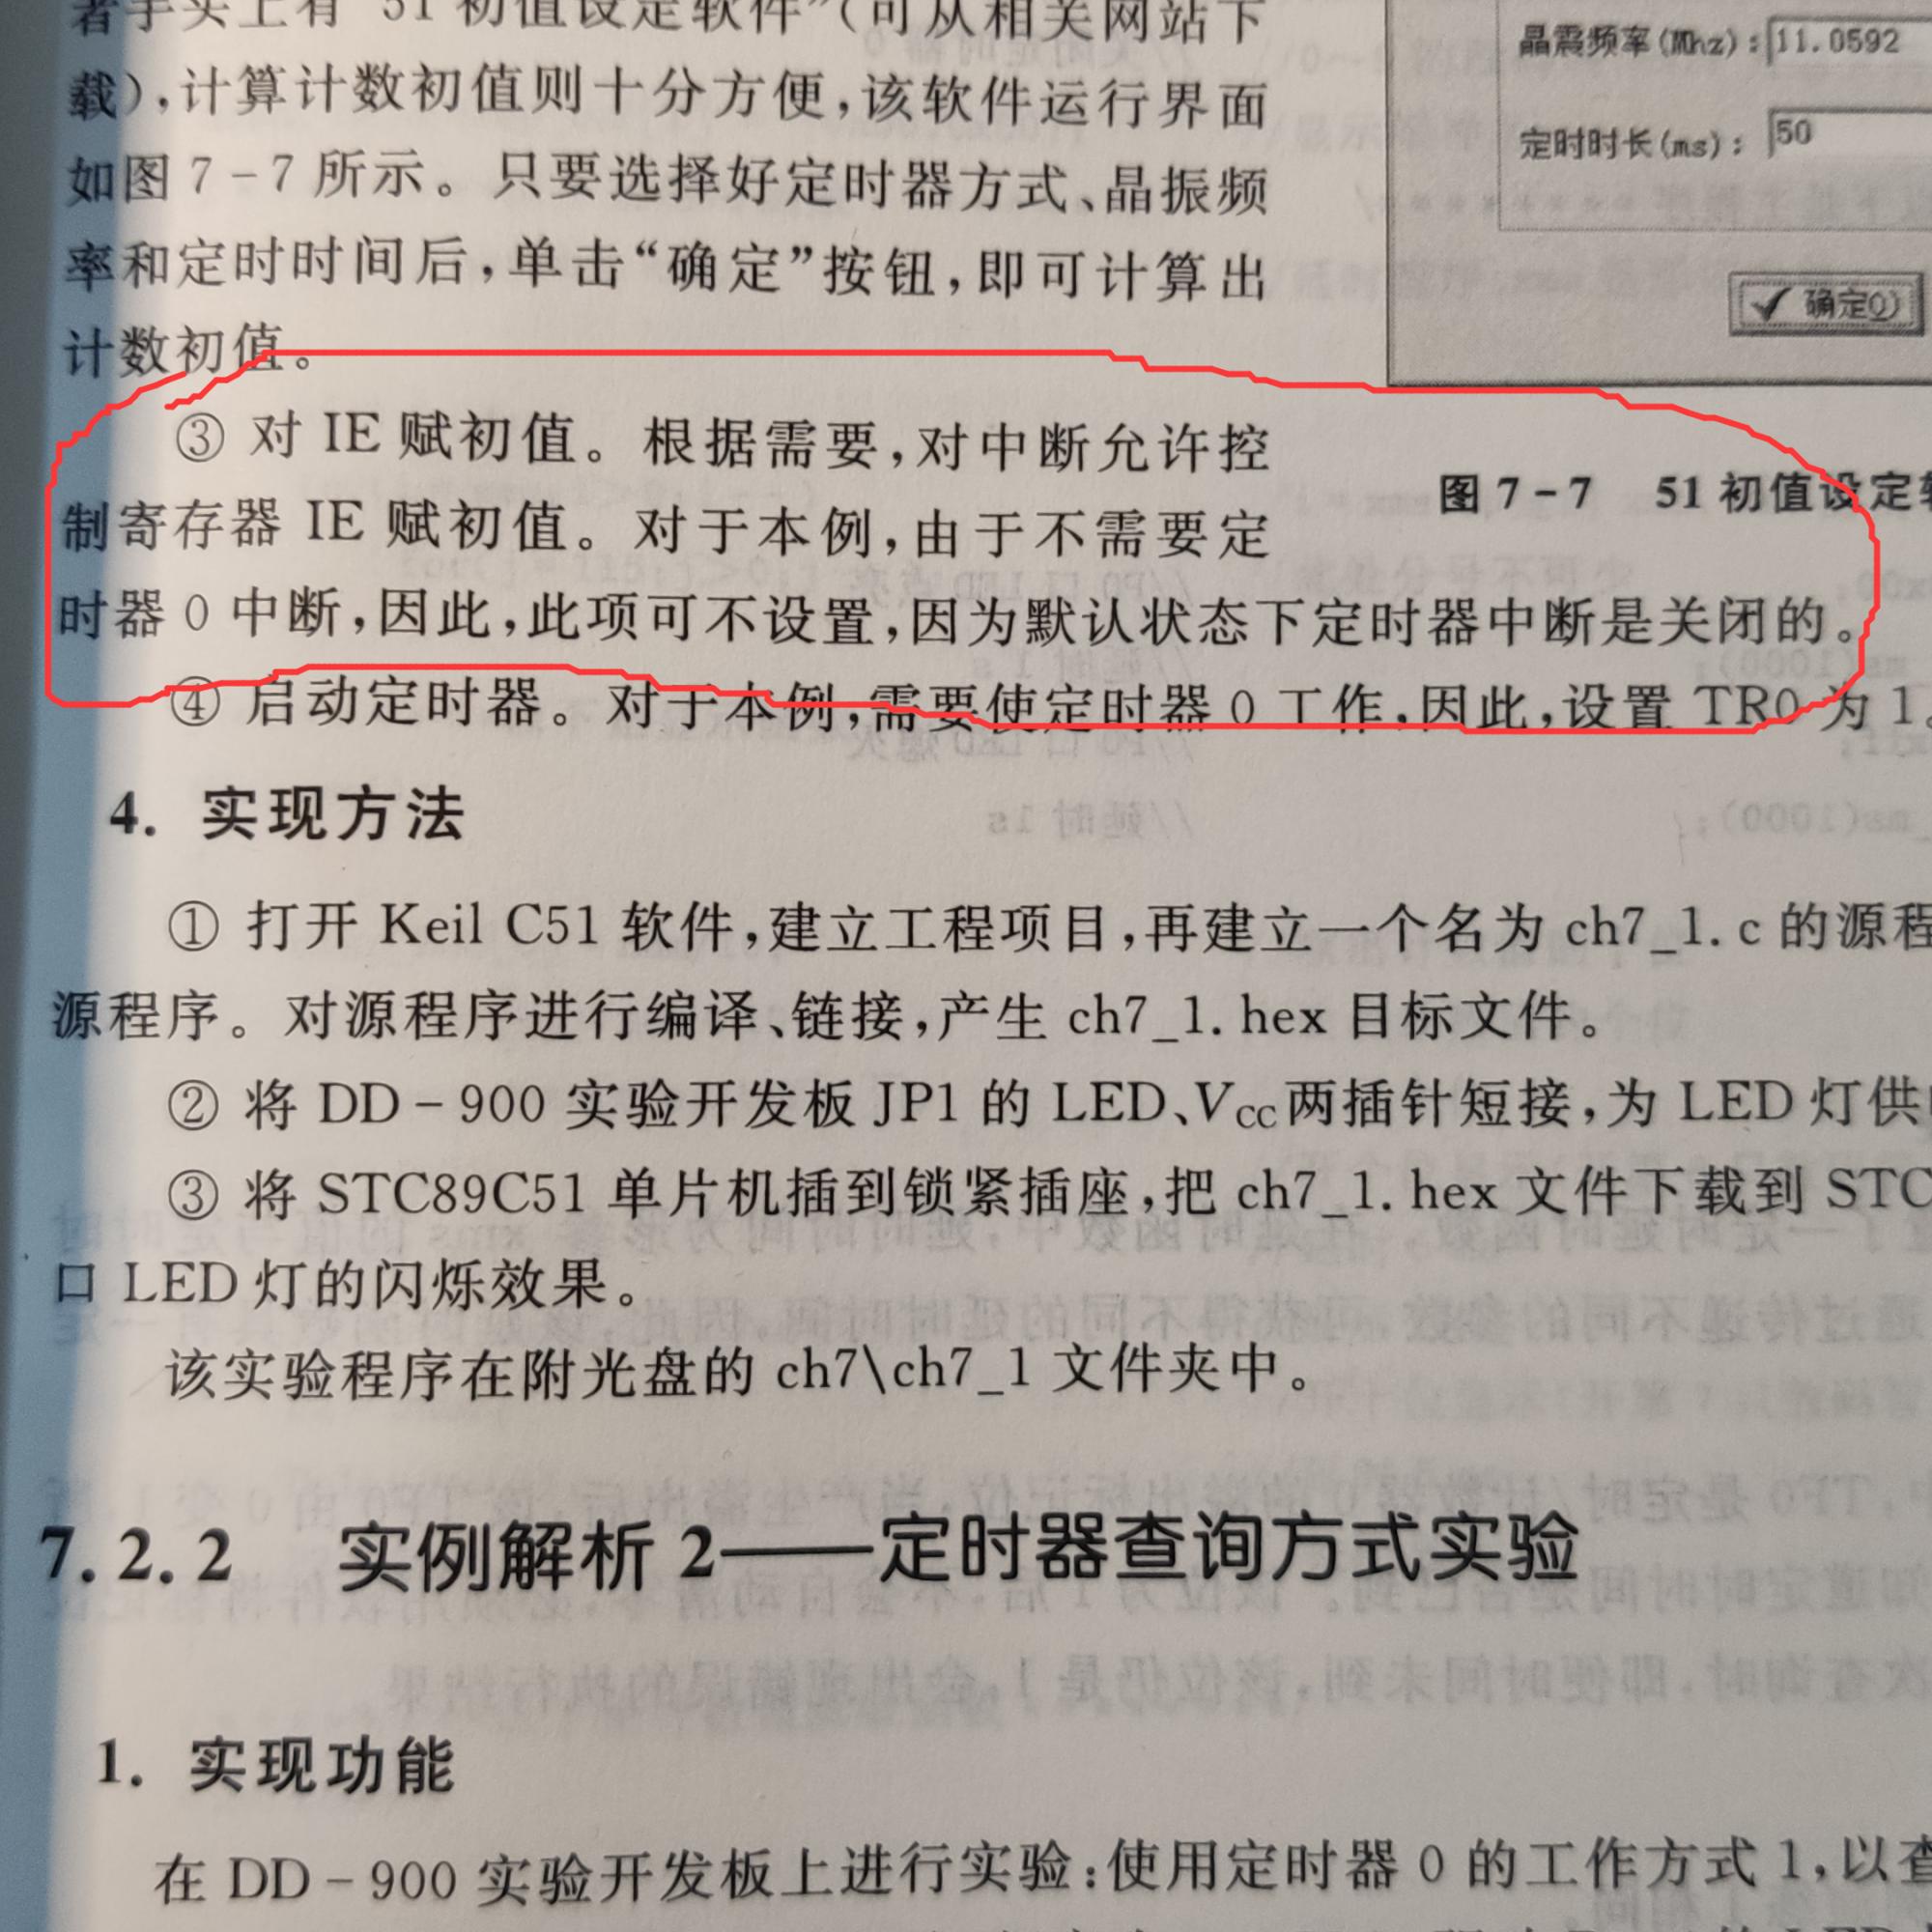 51单片机中中断允许寄存器设置问题?